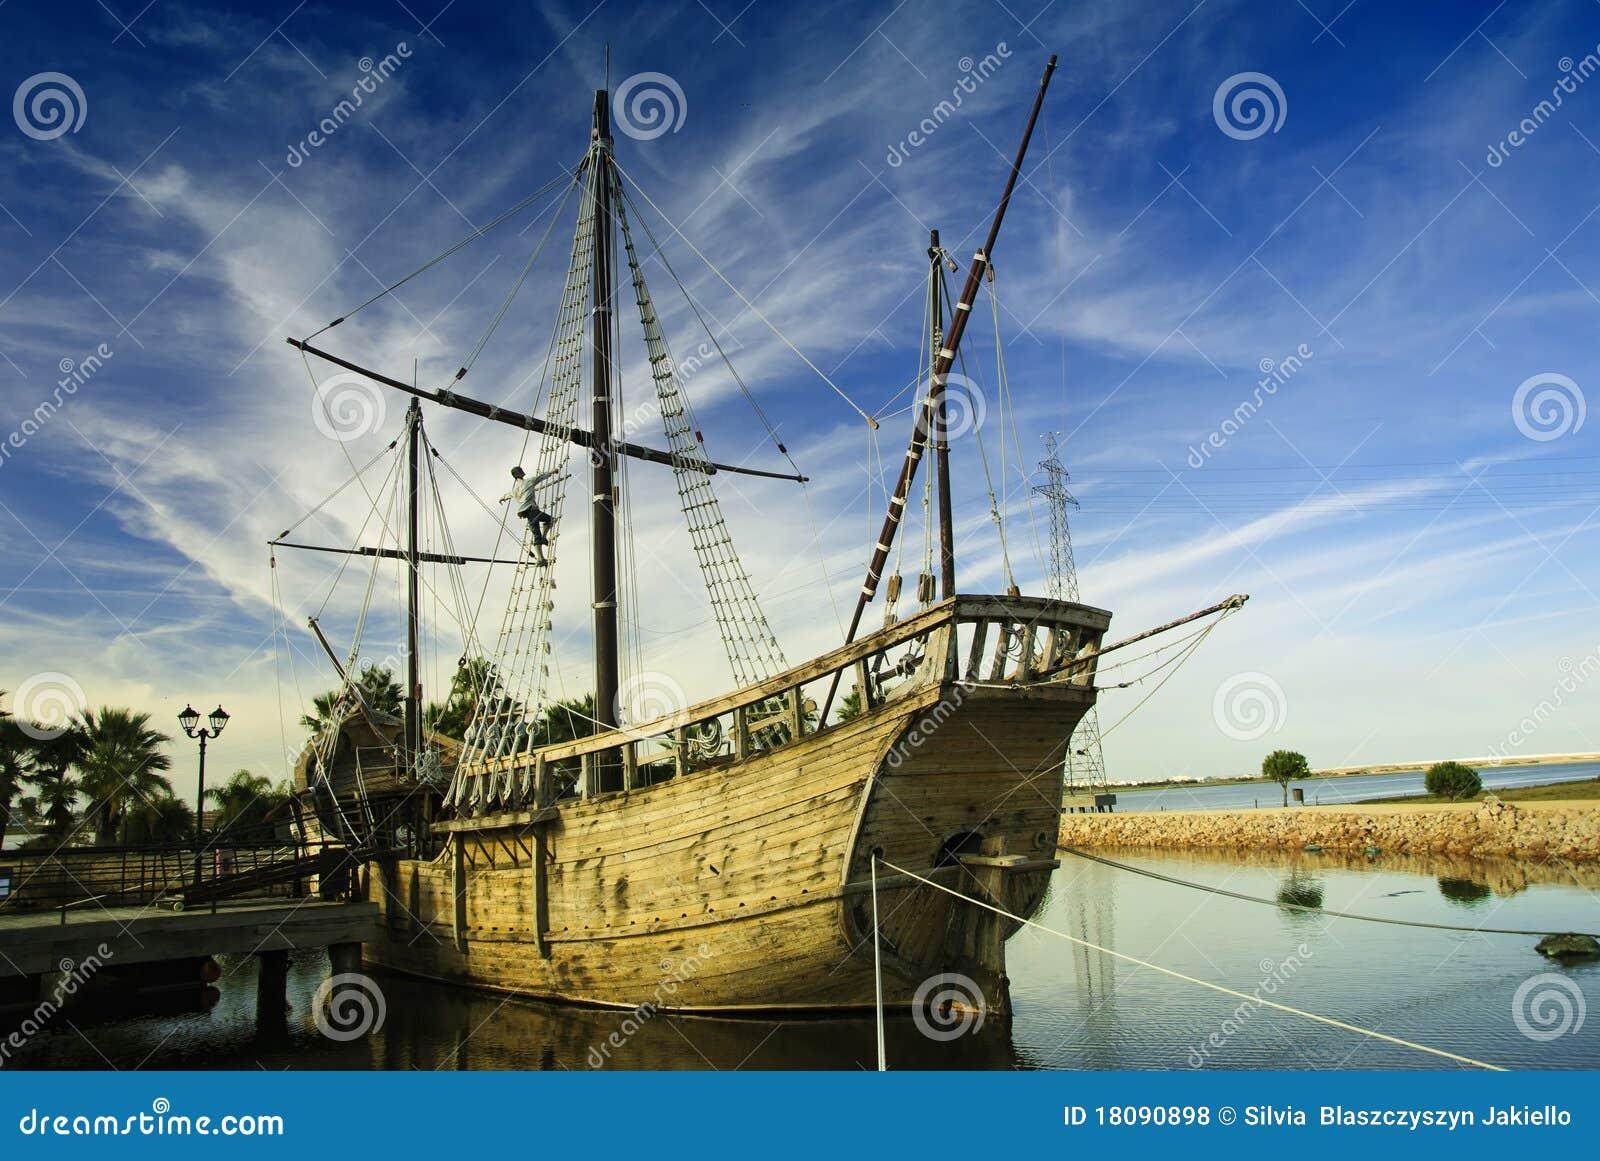 Zeeman, Christoffel Colombus - Het detail van het Schip.